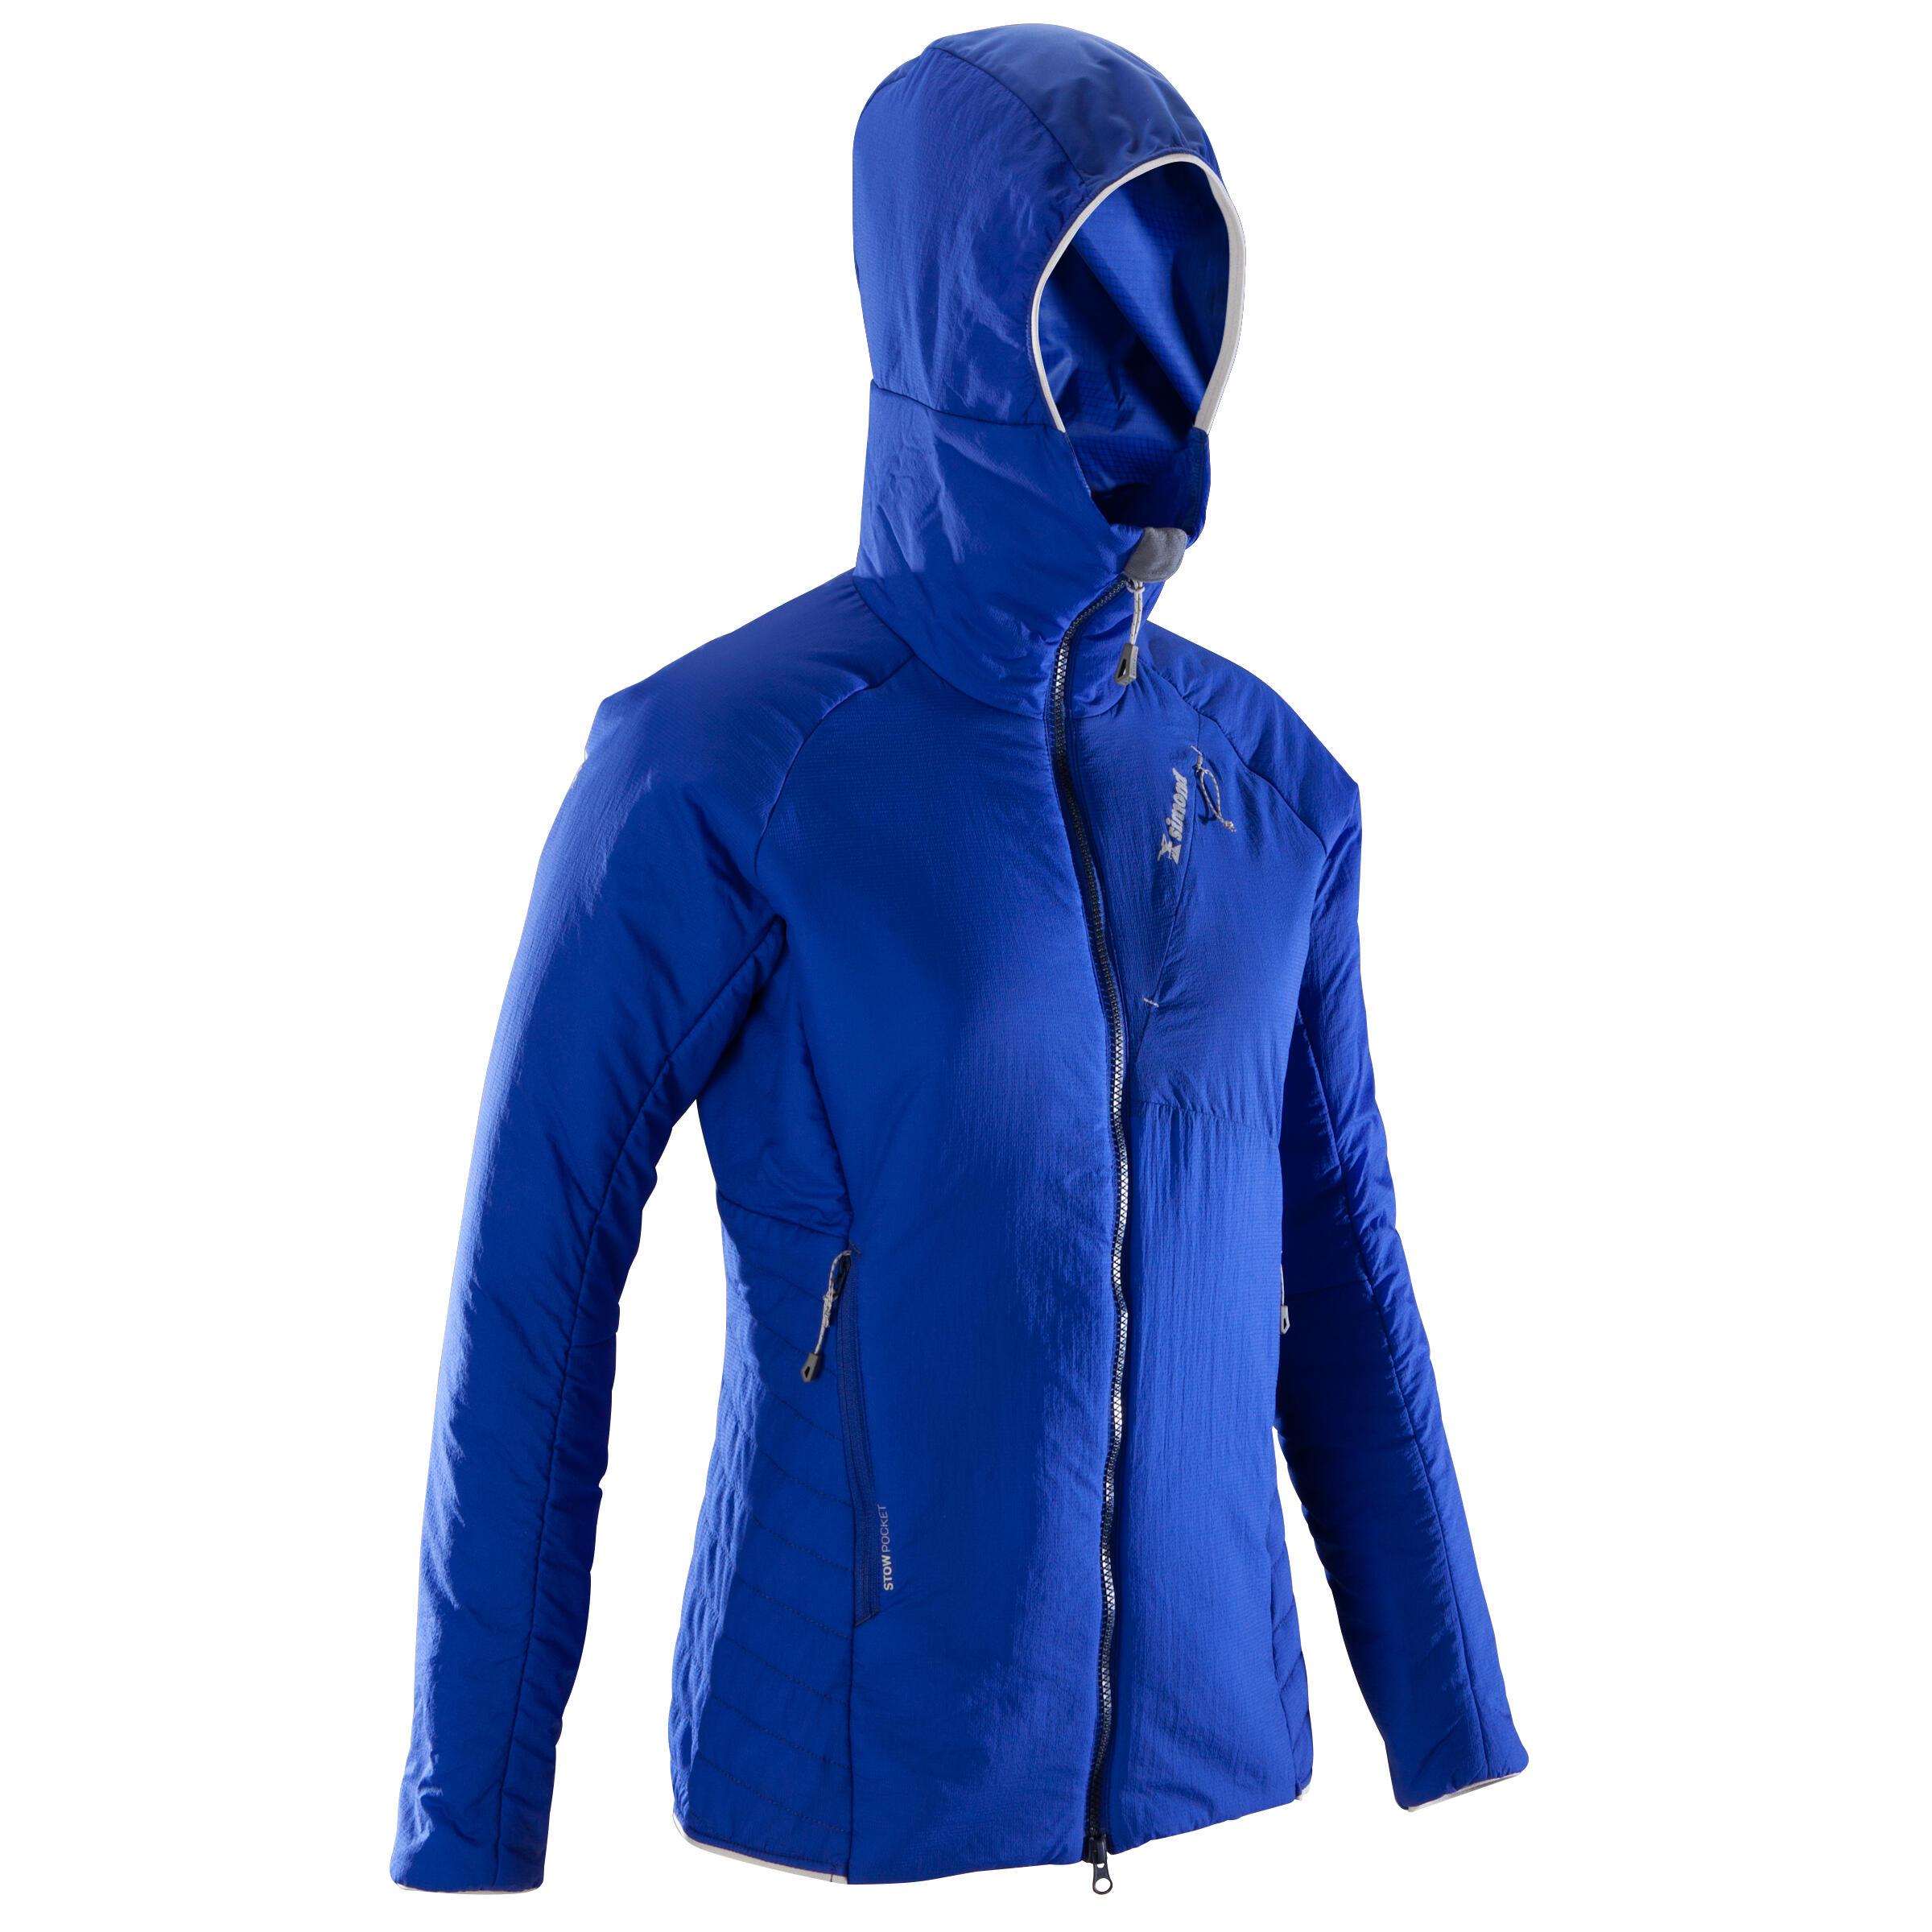 Alpi Women's Quilted Jacket - Dark Indigo